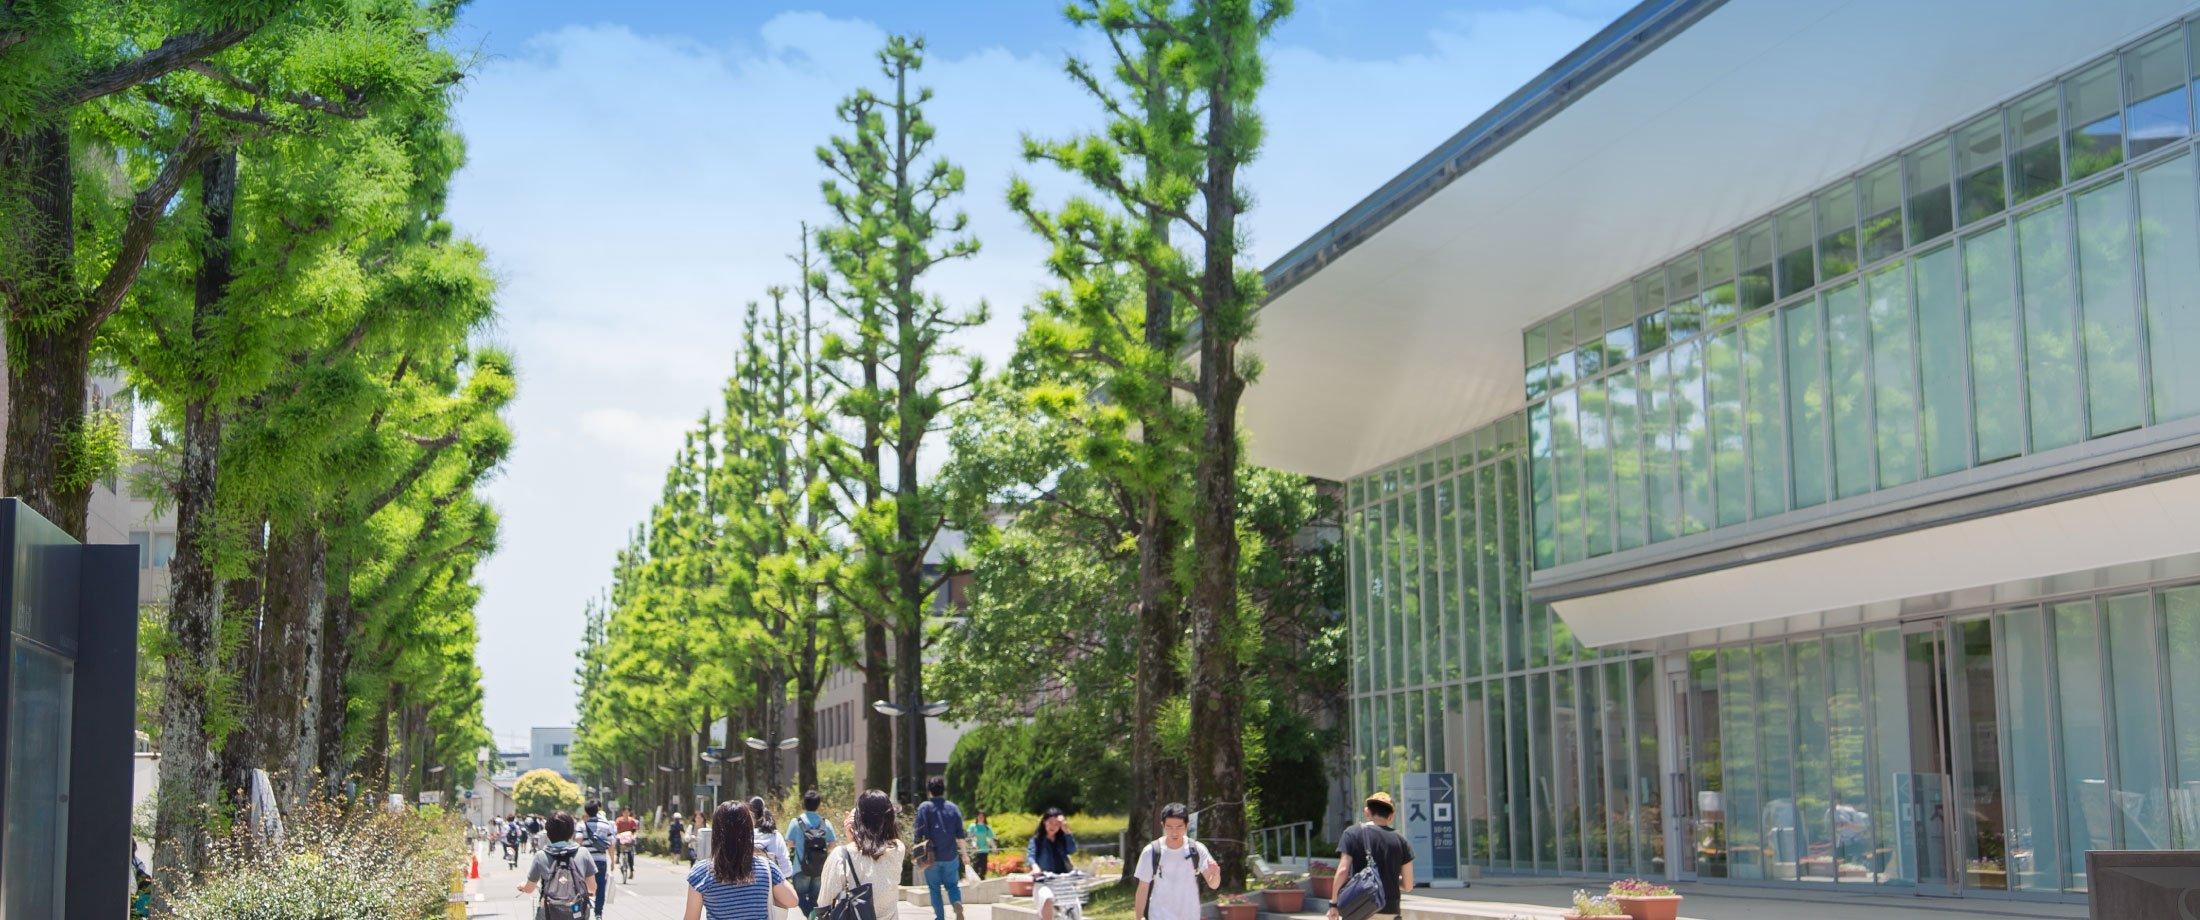 Ngôi trường nổi tiếng nhất tỉnh Saga- Đại học Saga Nhật Bản